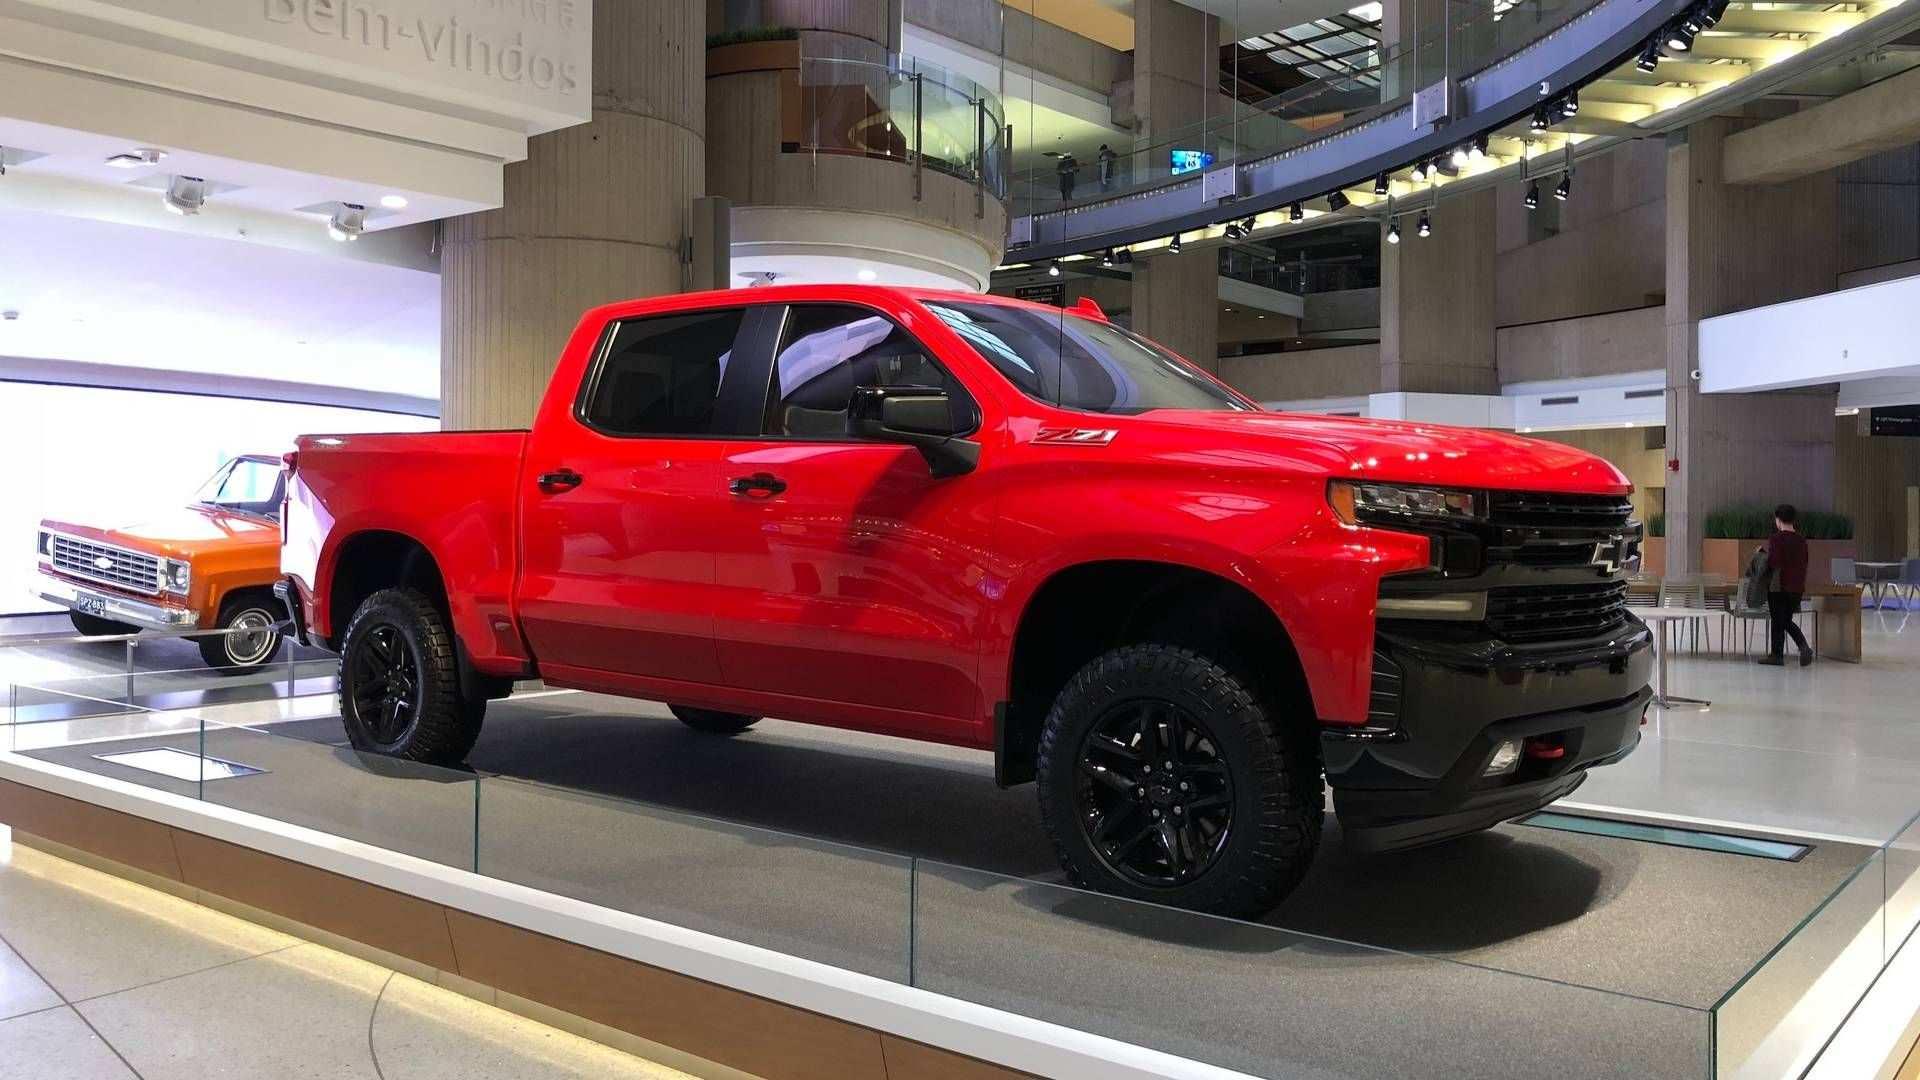 76 New 2019 Bmw Half Ton Diesel Speed Test by 2019 Bmw Half Ton Diesel